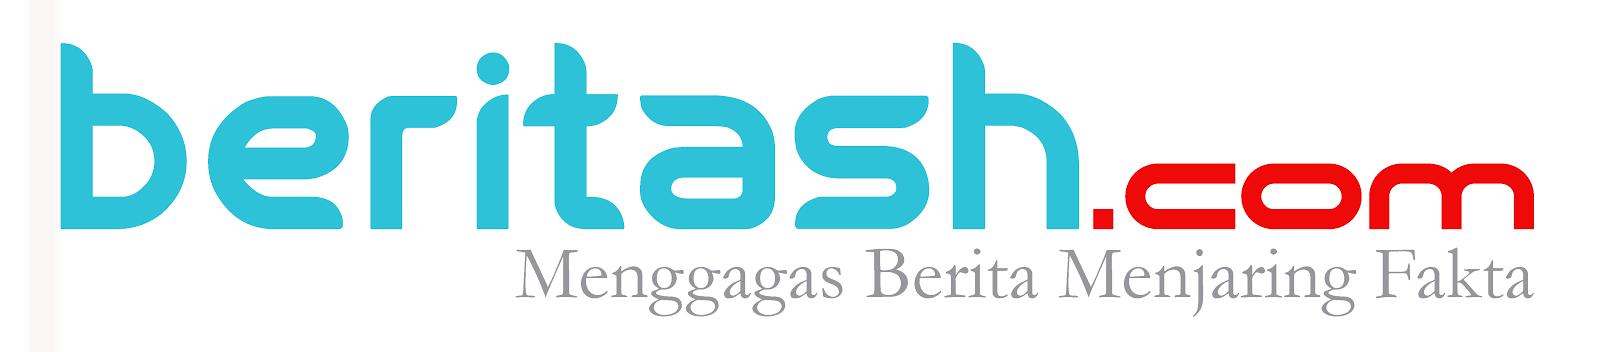 BeritaSH